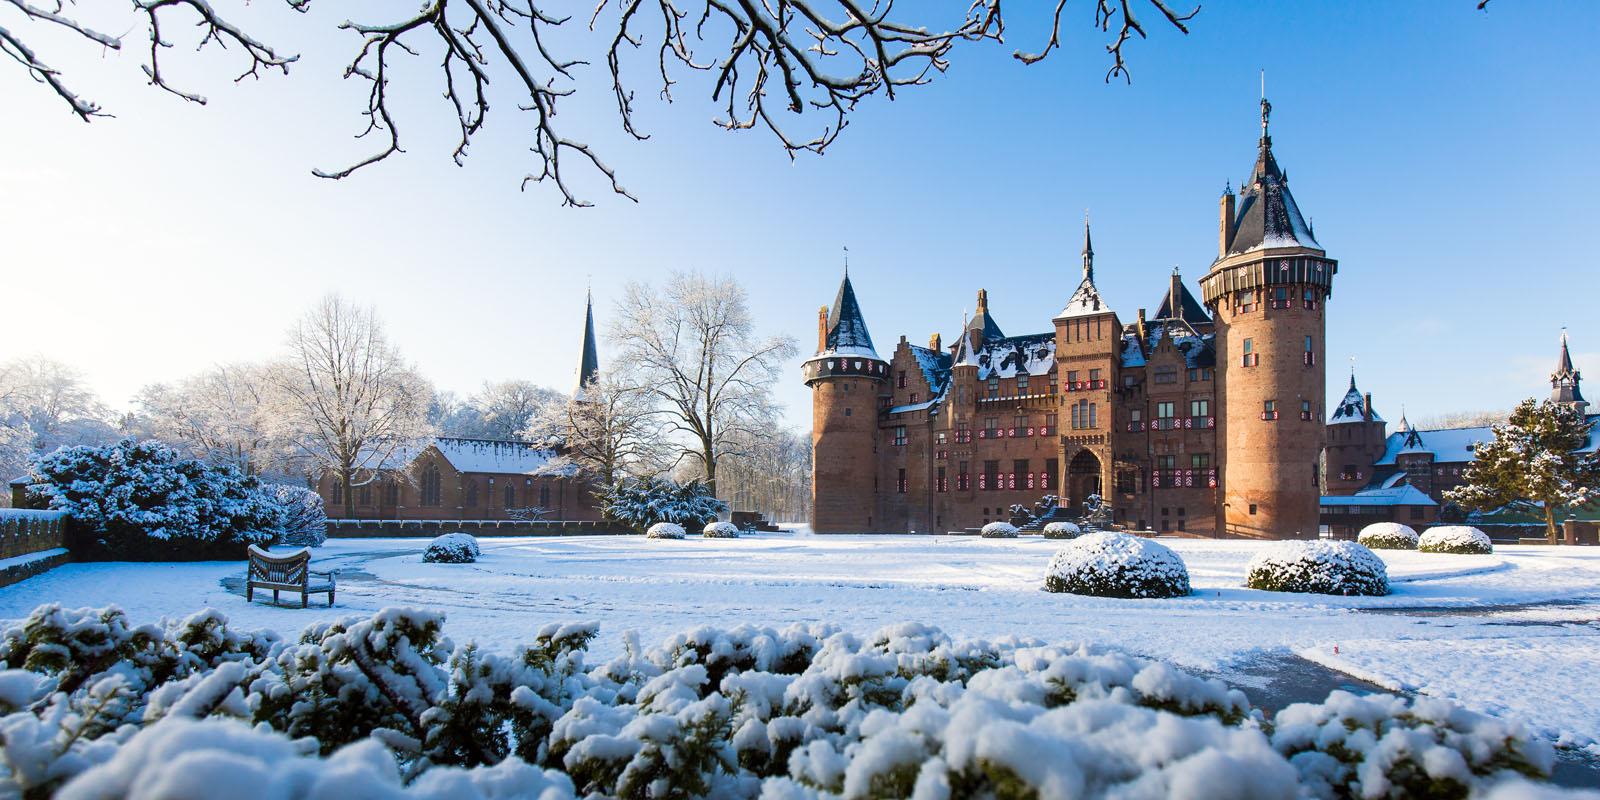 Kasteel de Haar Utrecht - winter